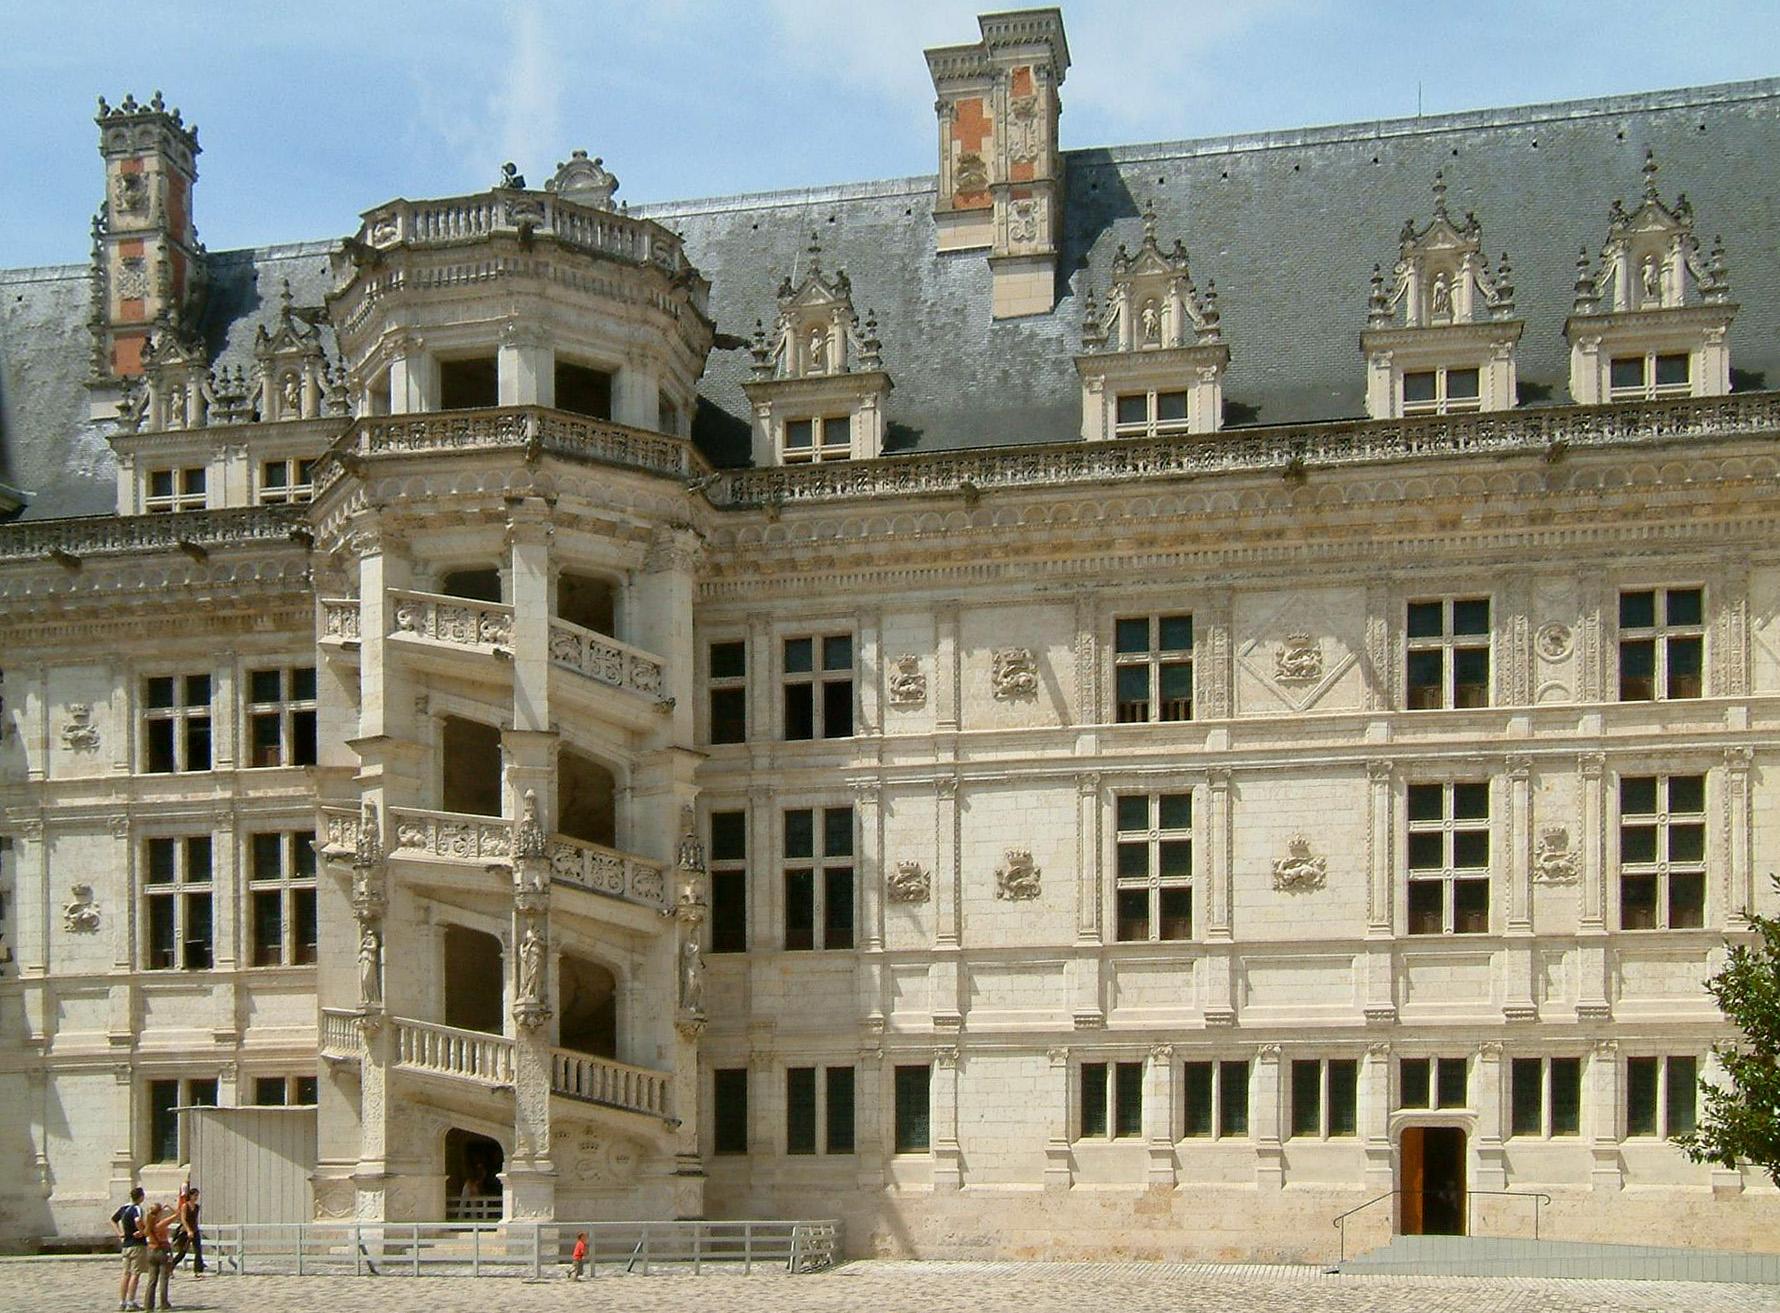 chateau-de-blois - Photo